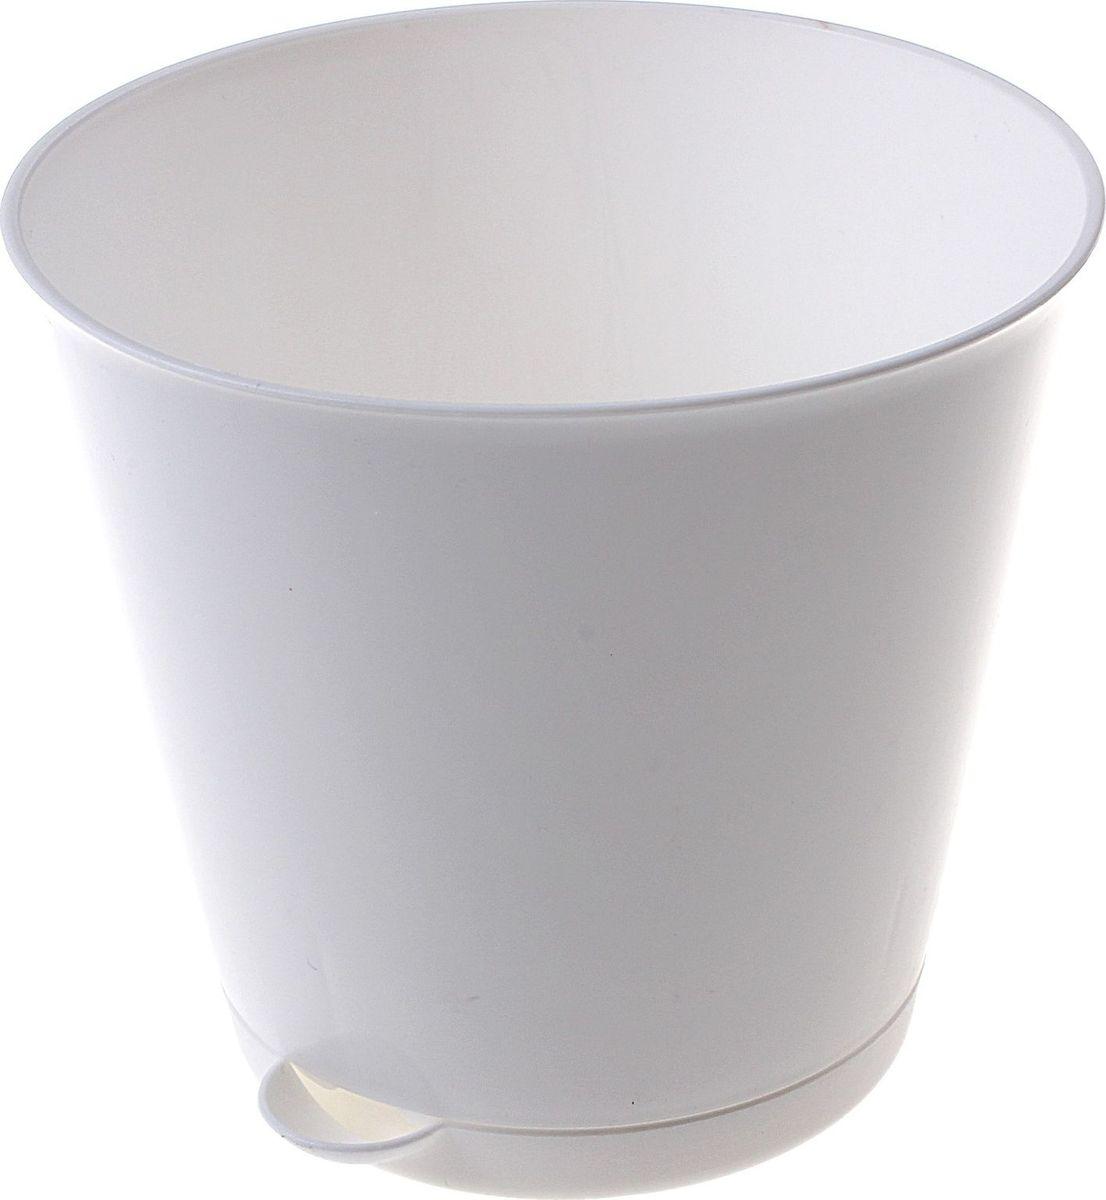 Горшок для цветов InGreen Крит, с системой прикорневого полива, цвет: белый, 0,7 л531-401Цветочный горшок «Крит» - это поиск нового, в основе которого лежит целесообразность. Горшок лаконичный и богат яркими цветовыми решениями, отличается функциональностью. Специальная конструкция обеспечивает вентиляцию в корневой системе растения, а дренажная решетка позволяет выходить лишней влаге из почвы. Крепёжные отверстия и штыри прочно крепят подставку к горшку. Прикорневой полив растения осуществляется через удобный носик.